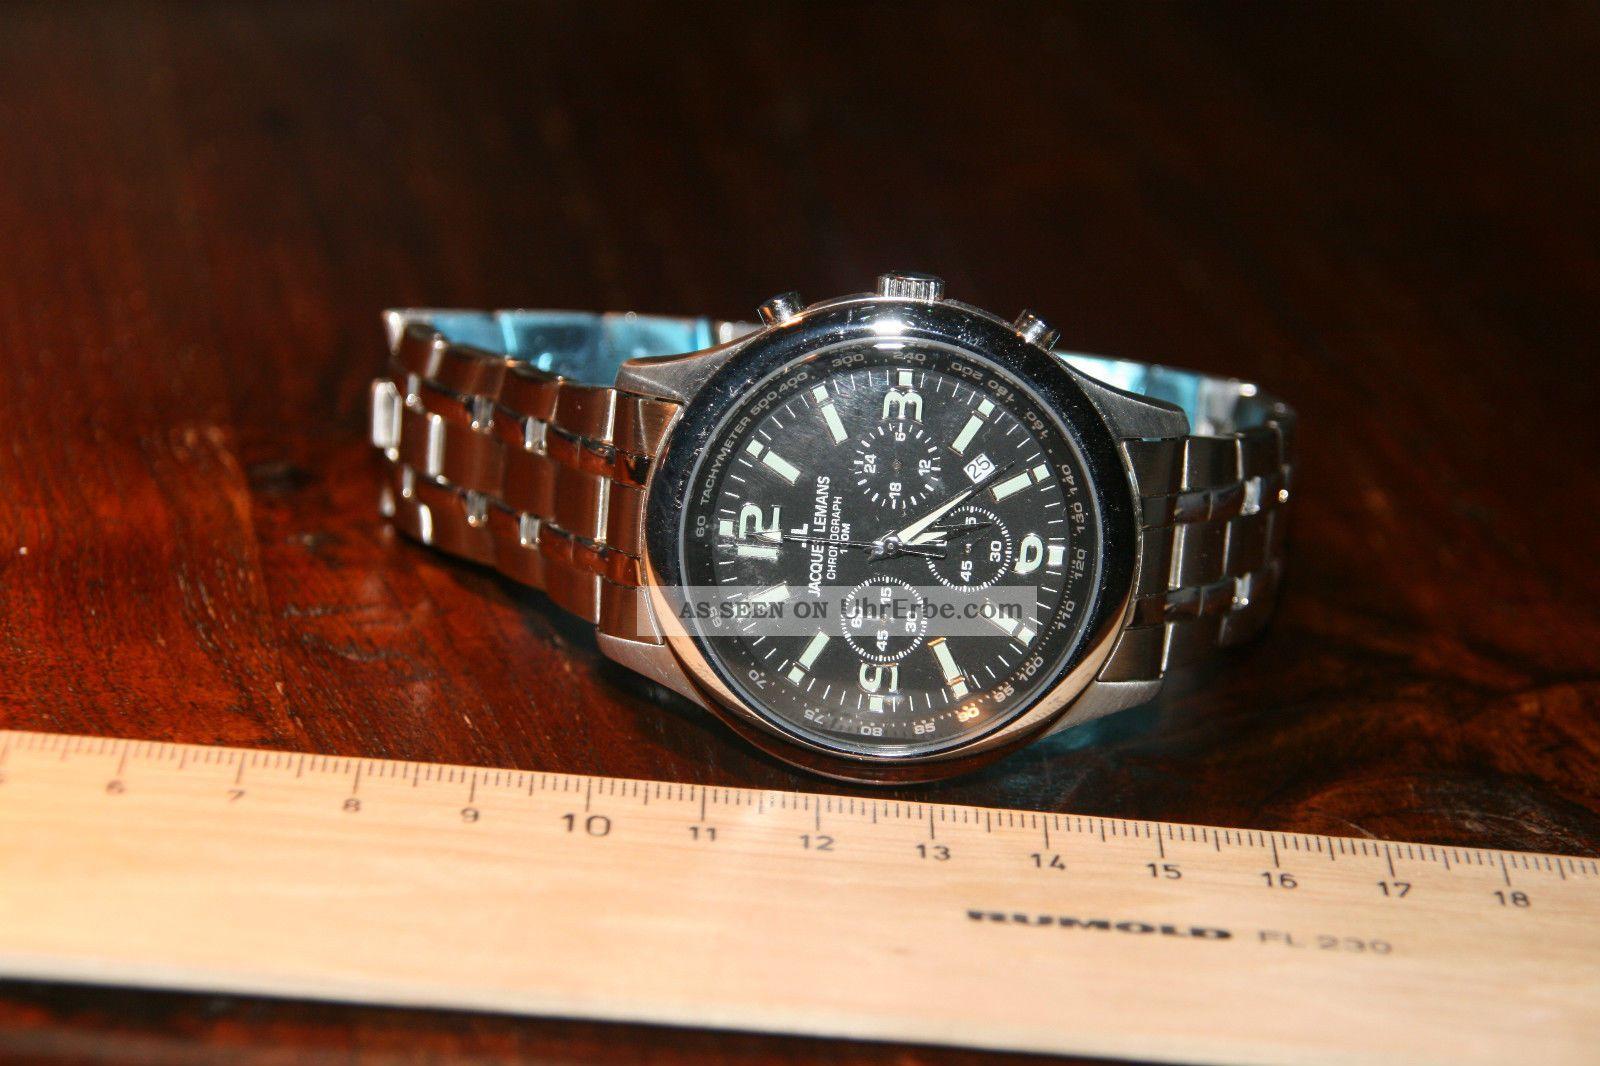 Jacques Lemans Chronograph / Die Schutzfolie Ist Noch Dran Armbanduhren Bild